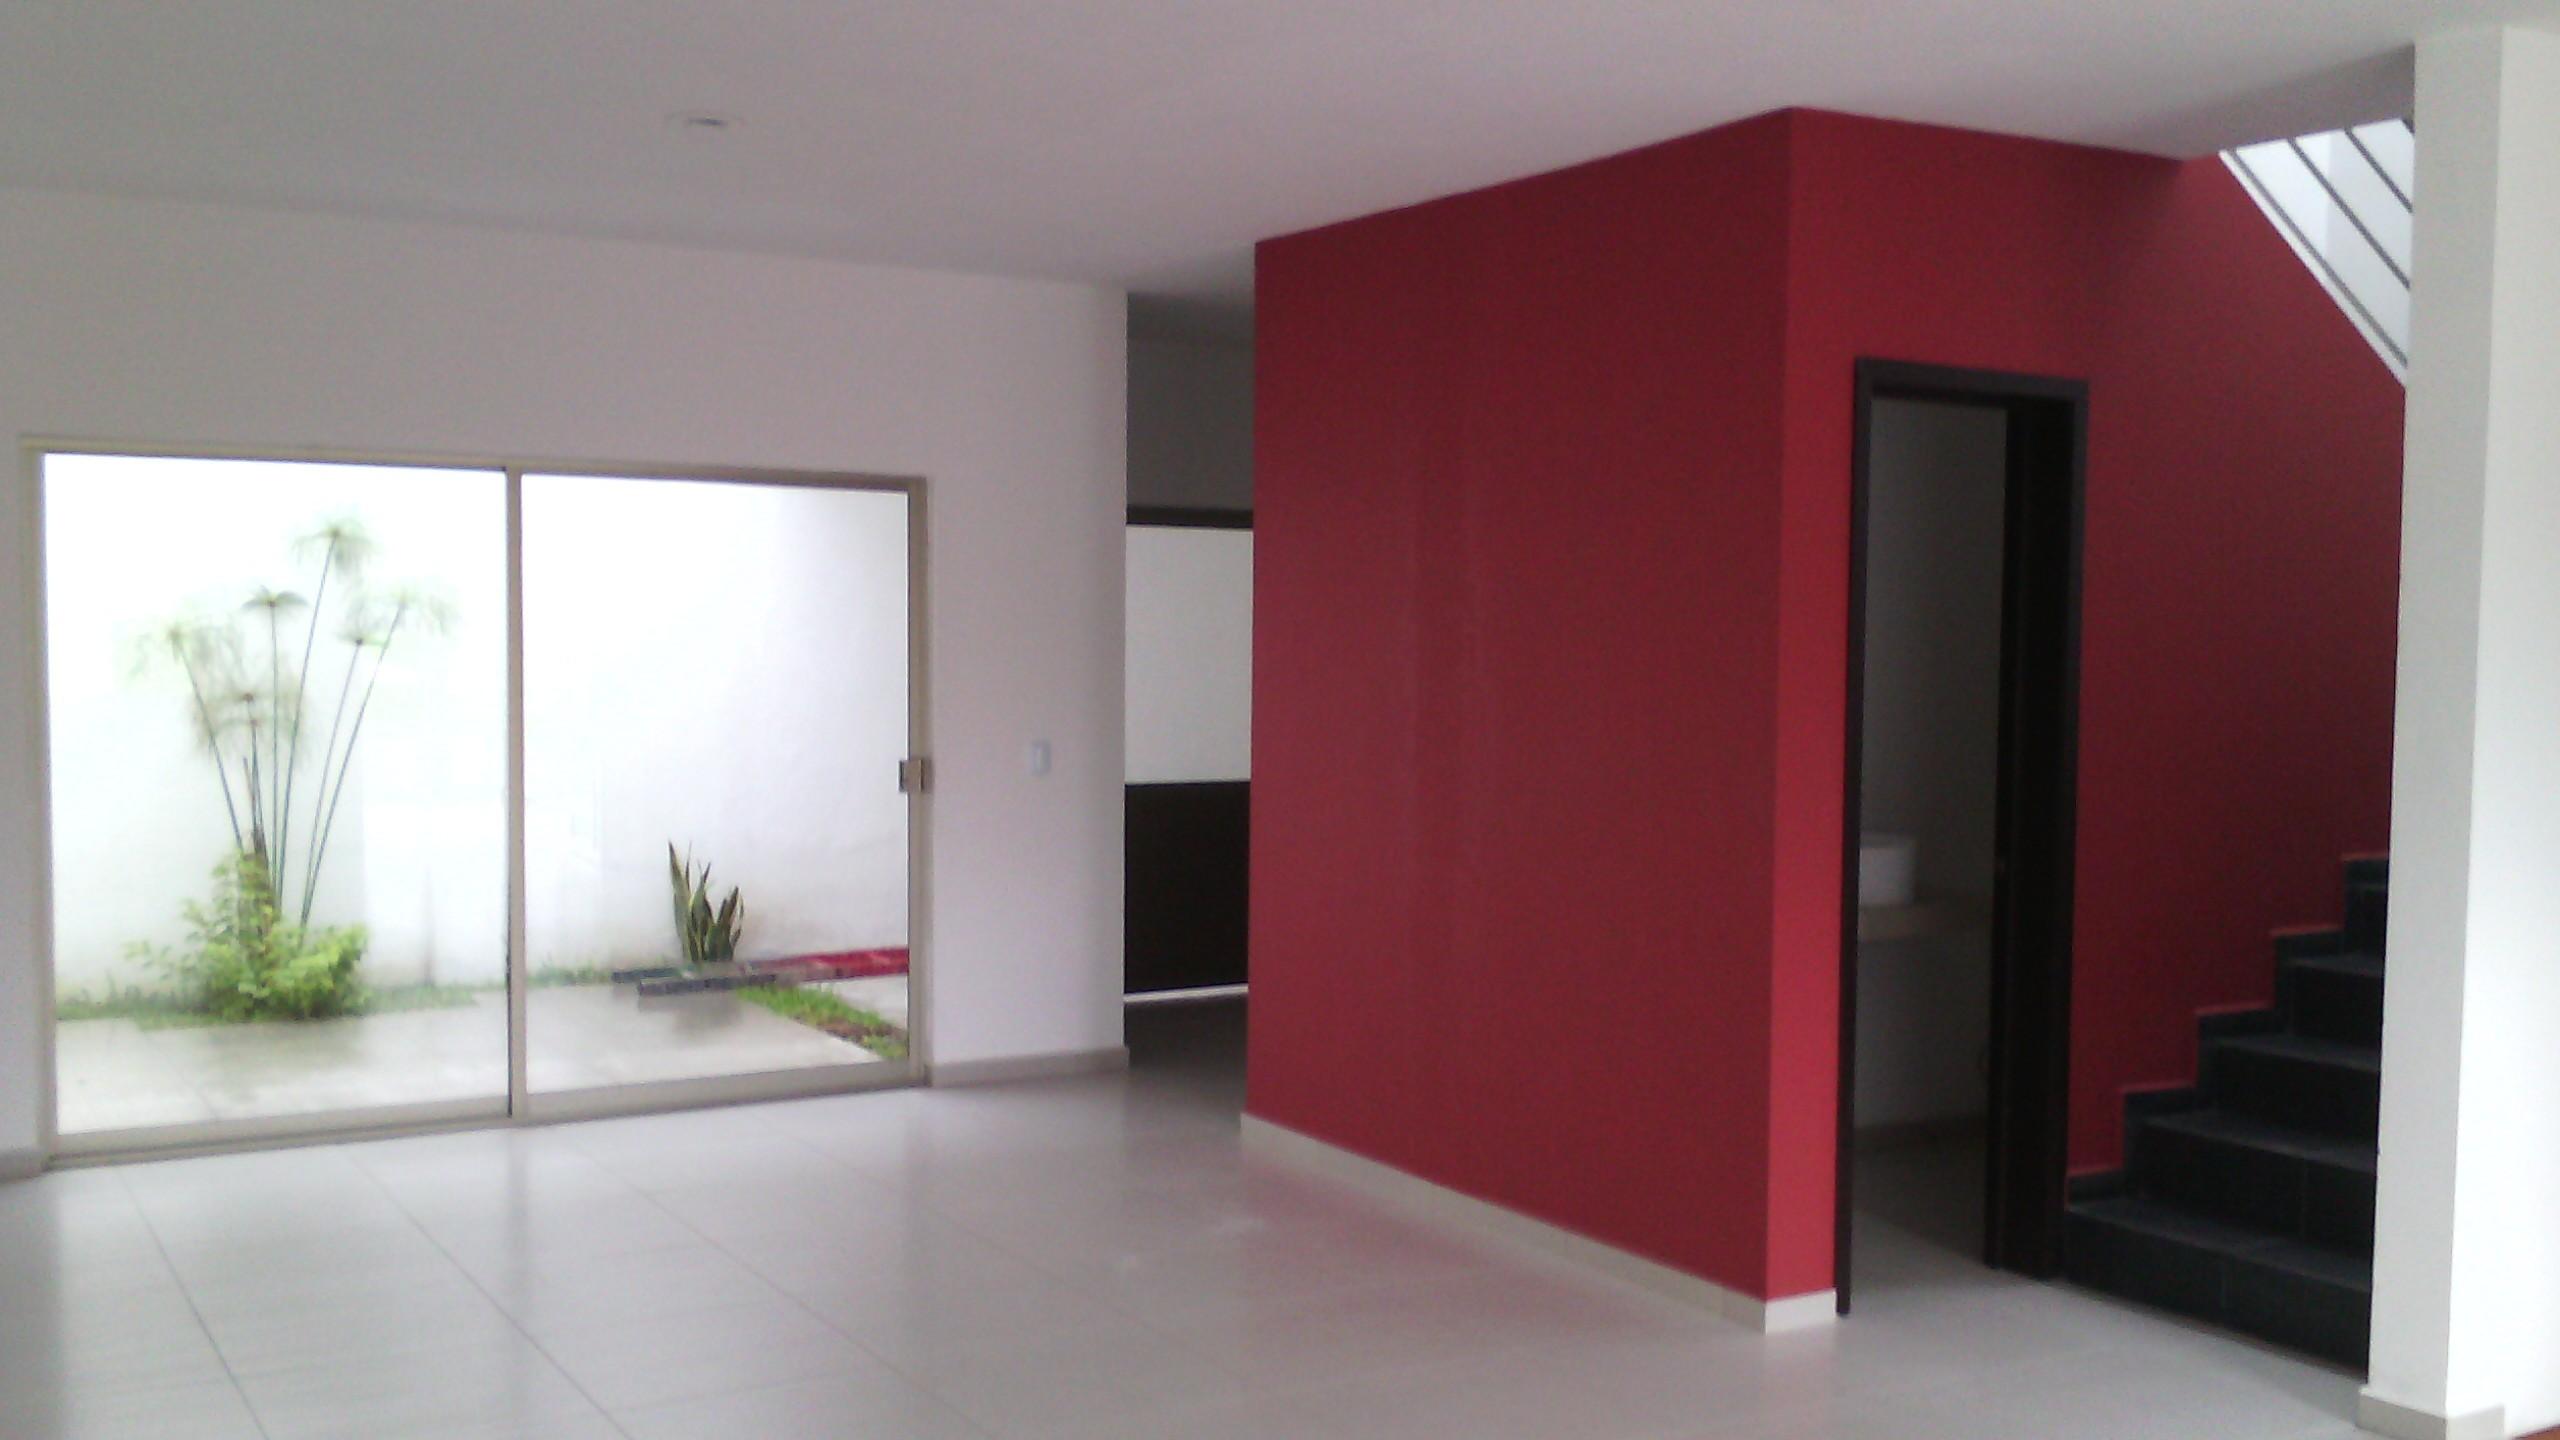 Casa en venta en parque ecologico tepic 21565 hab tala for Renta de casas en tepic